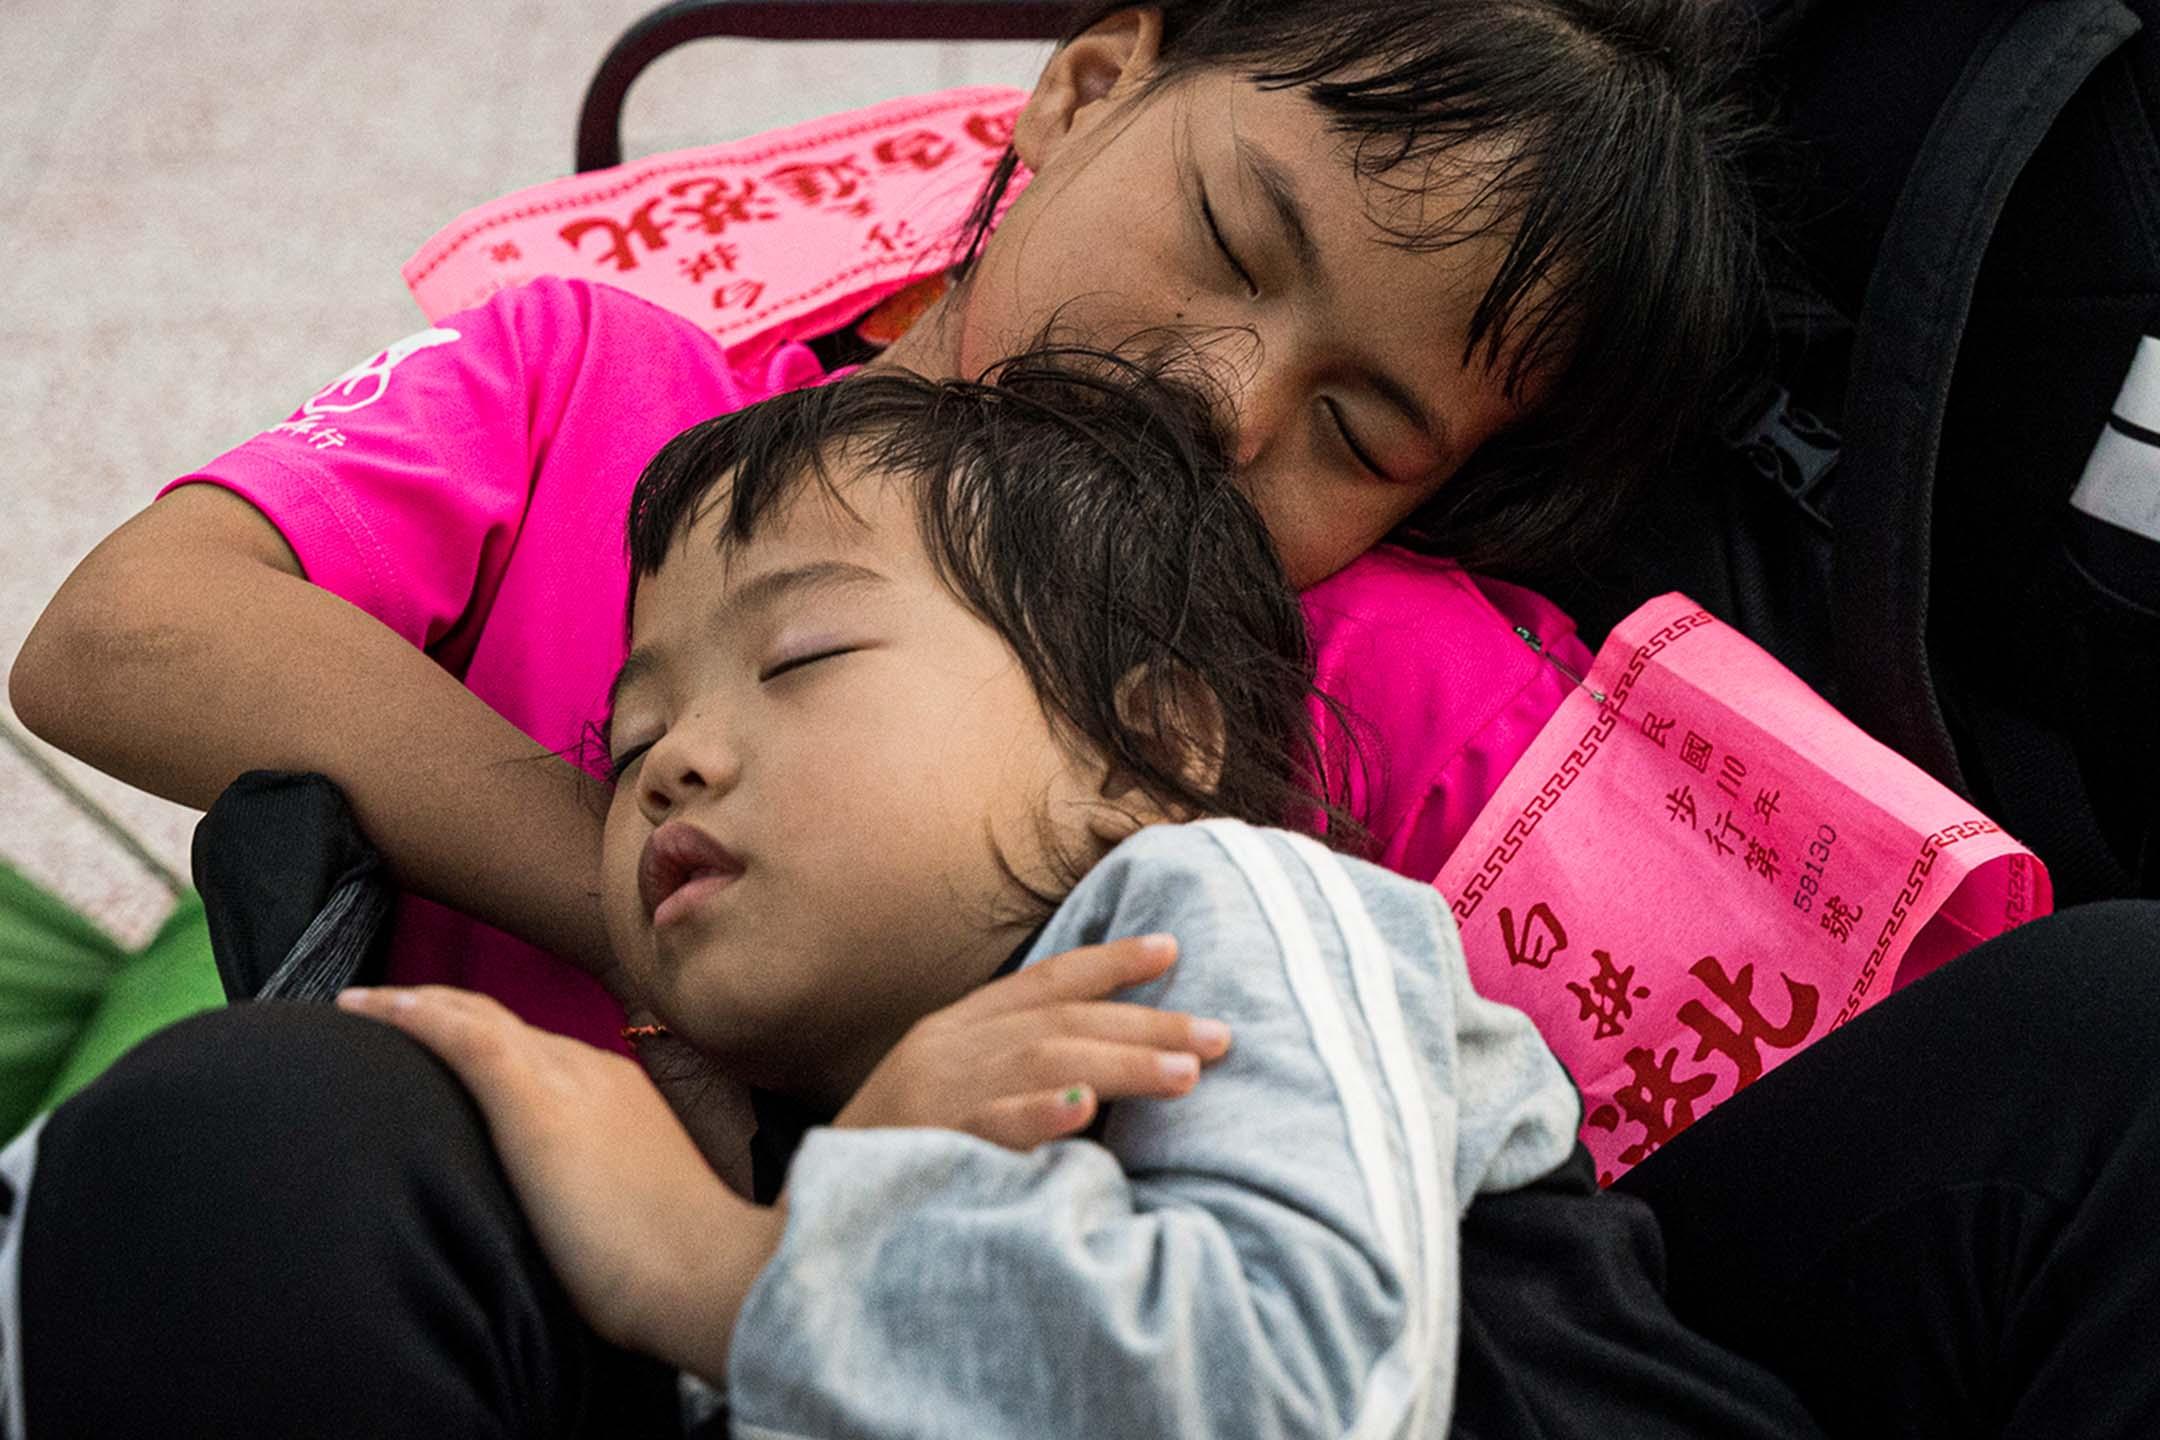 在信仰文化中,信眾相信白沙屯拱天宮媽祖對孩子特別慈愛。進香現場,常有民眾帶著孩子一同前往。